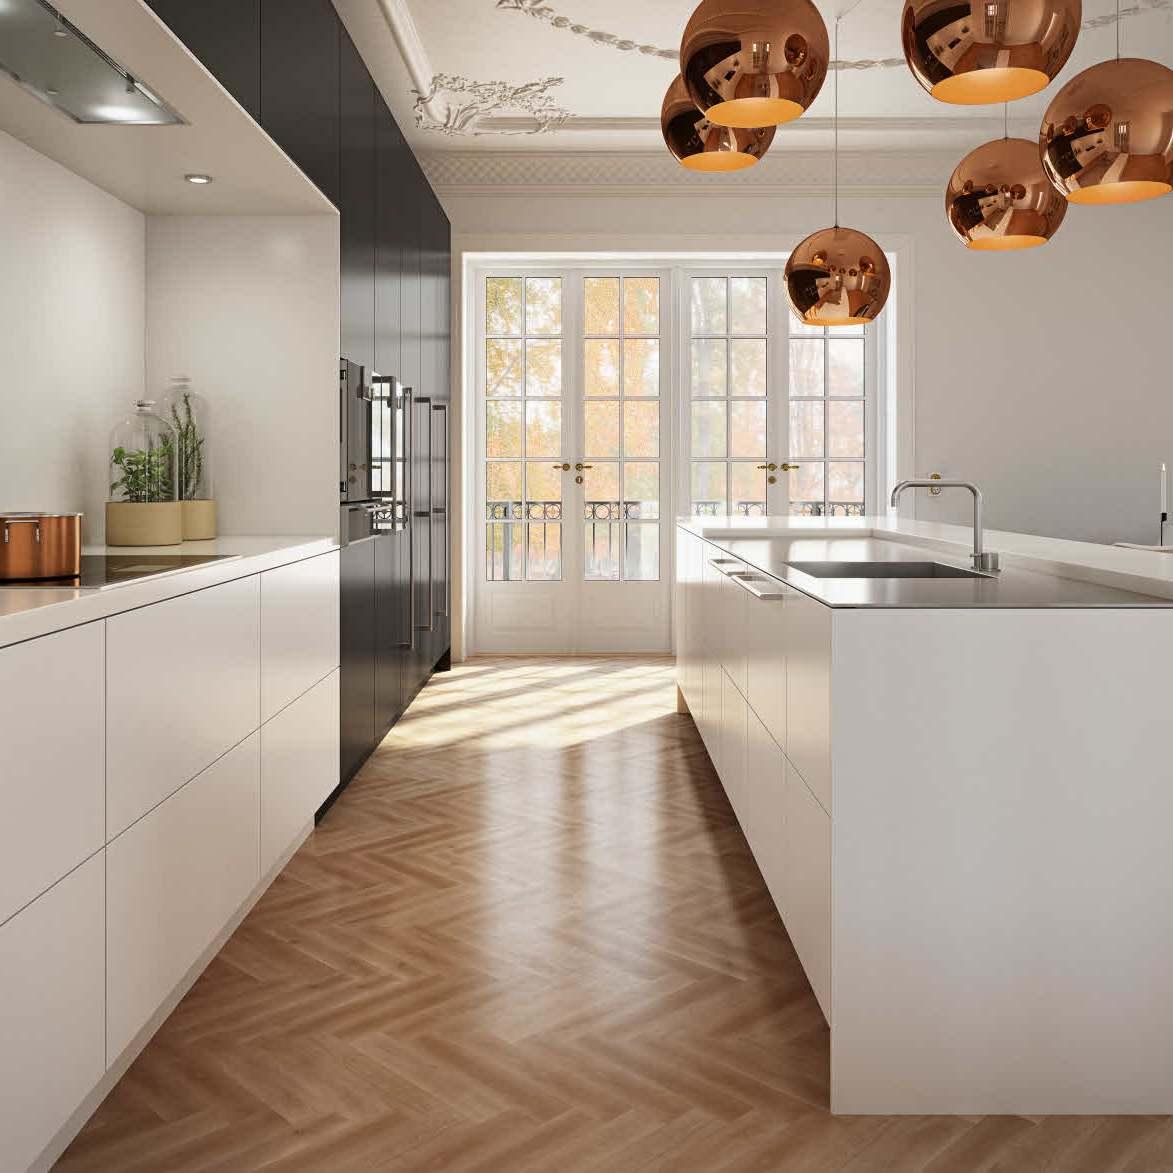 image modern kitchen lighting. Modern Kitchen Lighting Image H